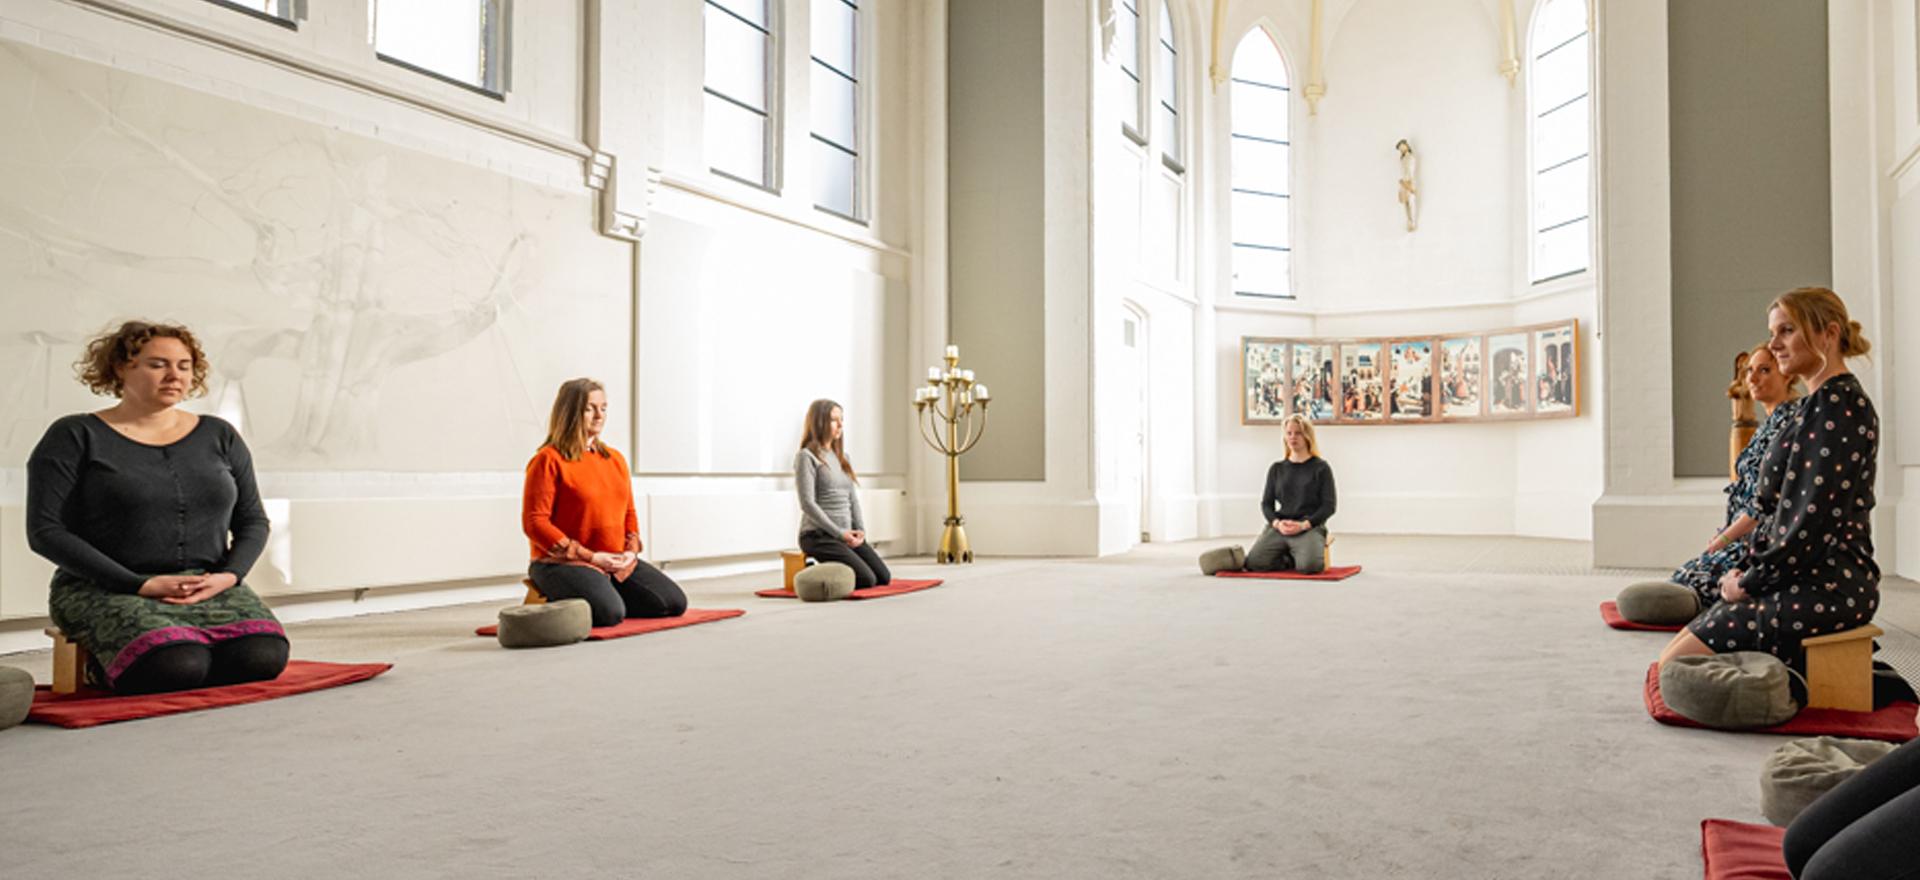 Kloosterhotel ZIN - meditatie kapel stilte(880)Lotte